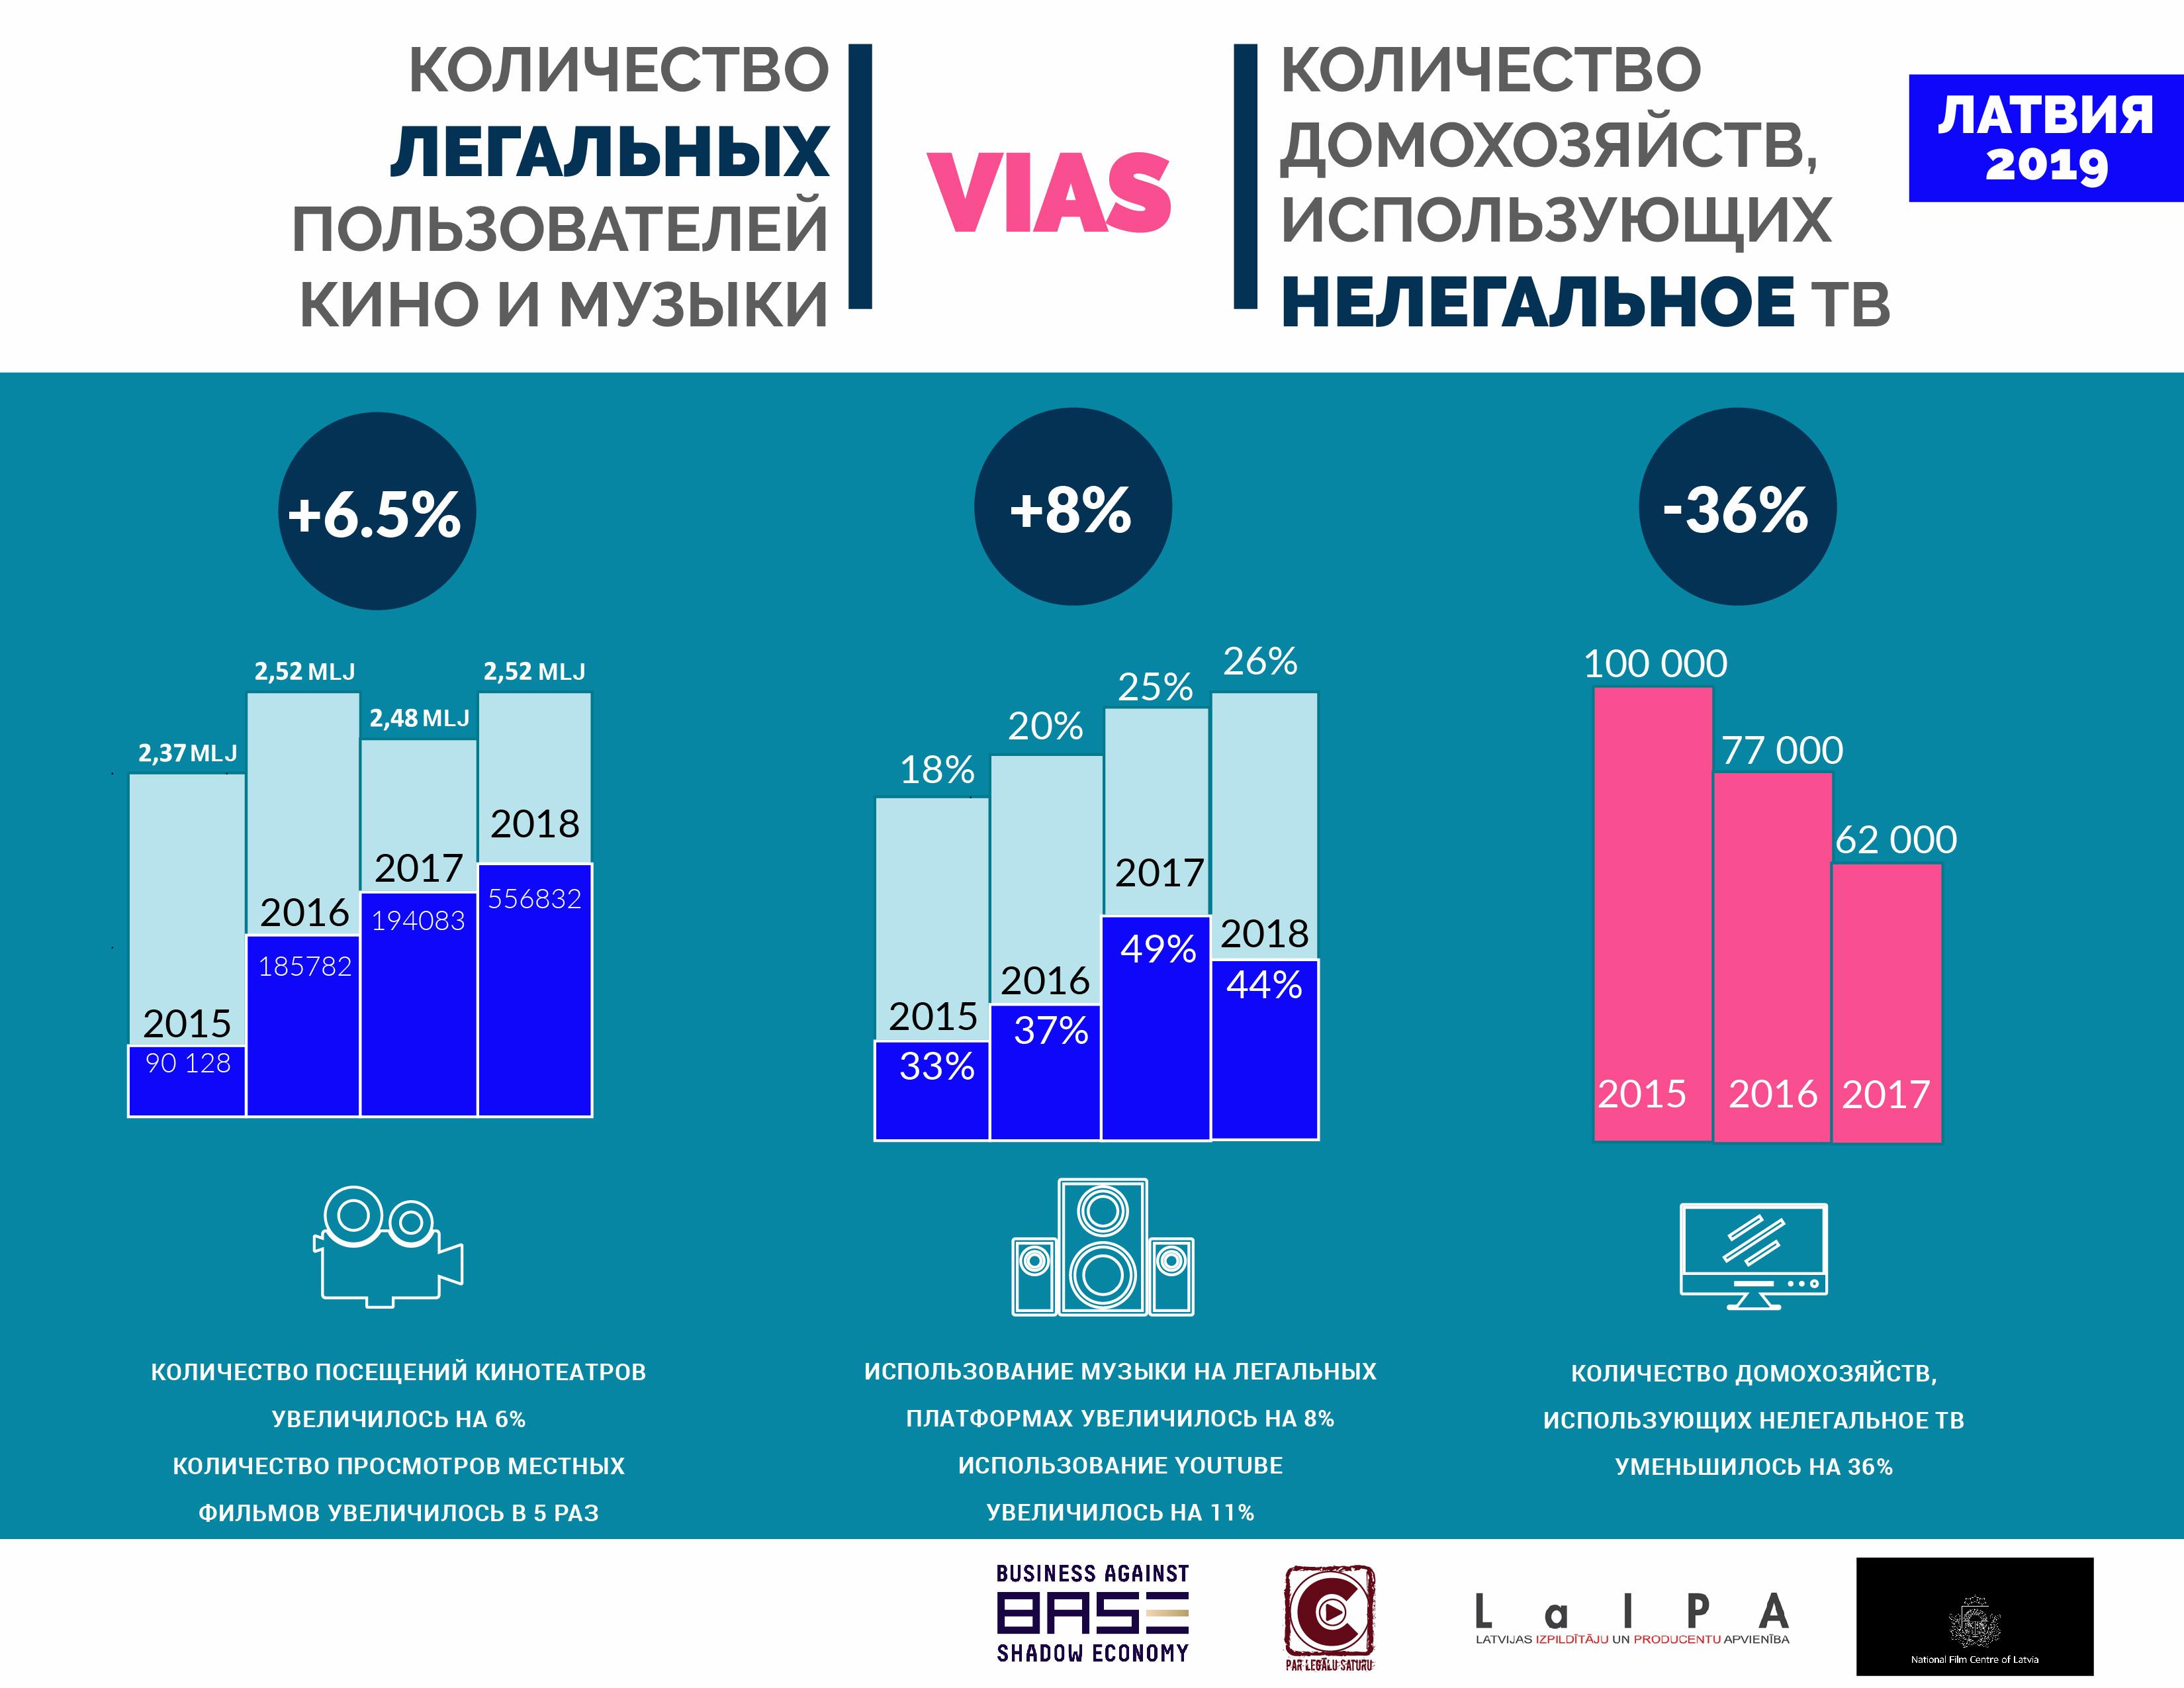 Способы борьбы с нелегальным контентом в Латвии